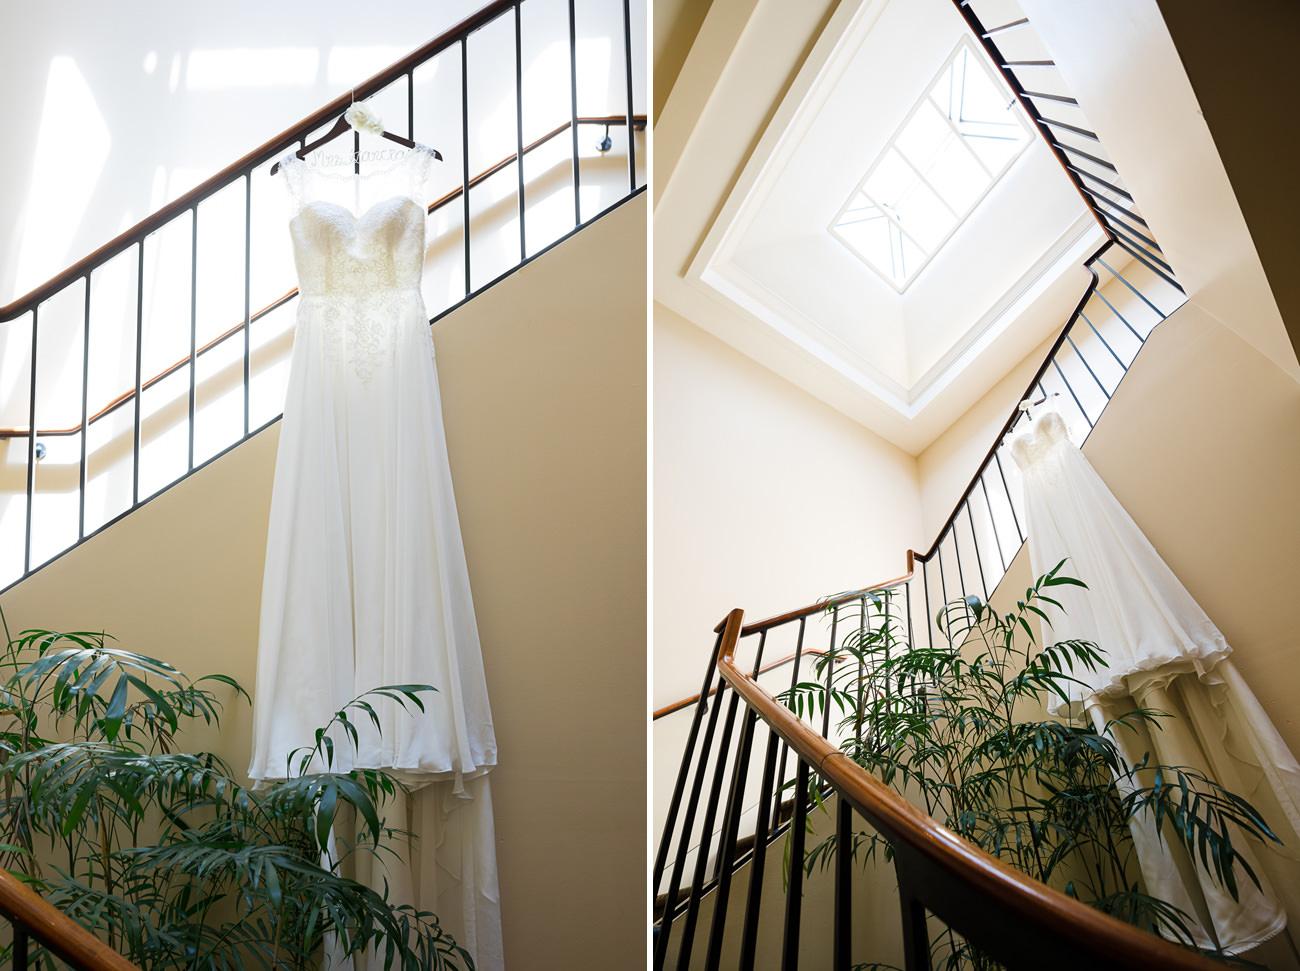 st-marys-catholic-wedding-78 St Marys Catholic Wedding   Eugene Oregon Photographer   Ariana & Chavo